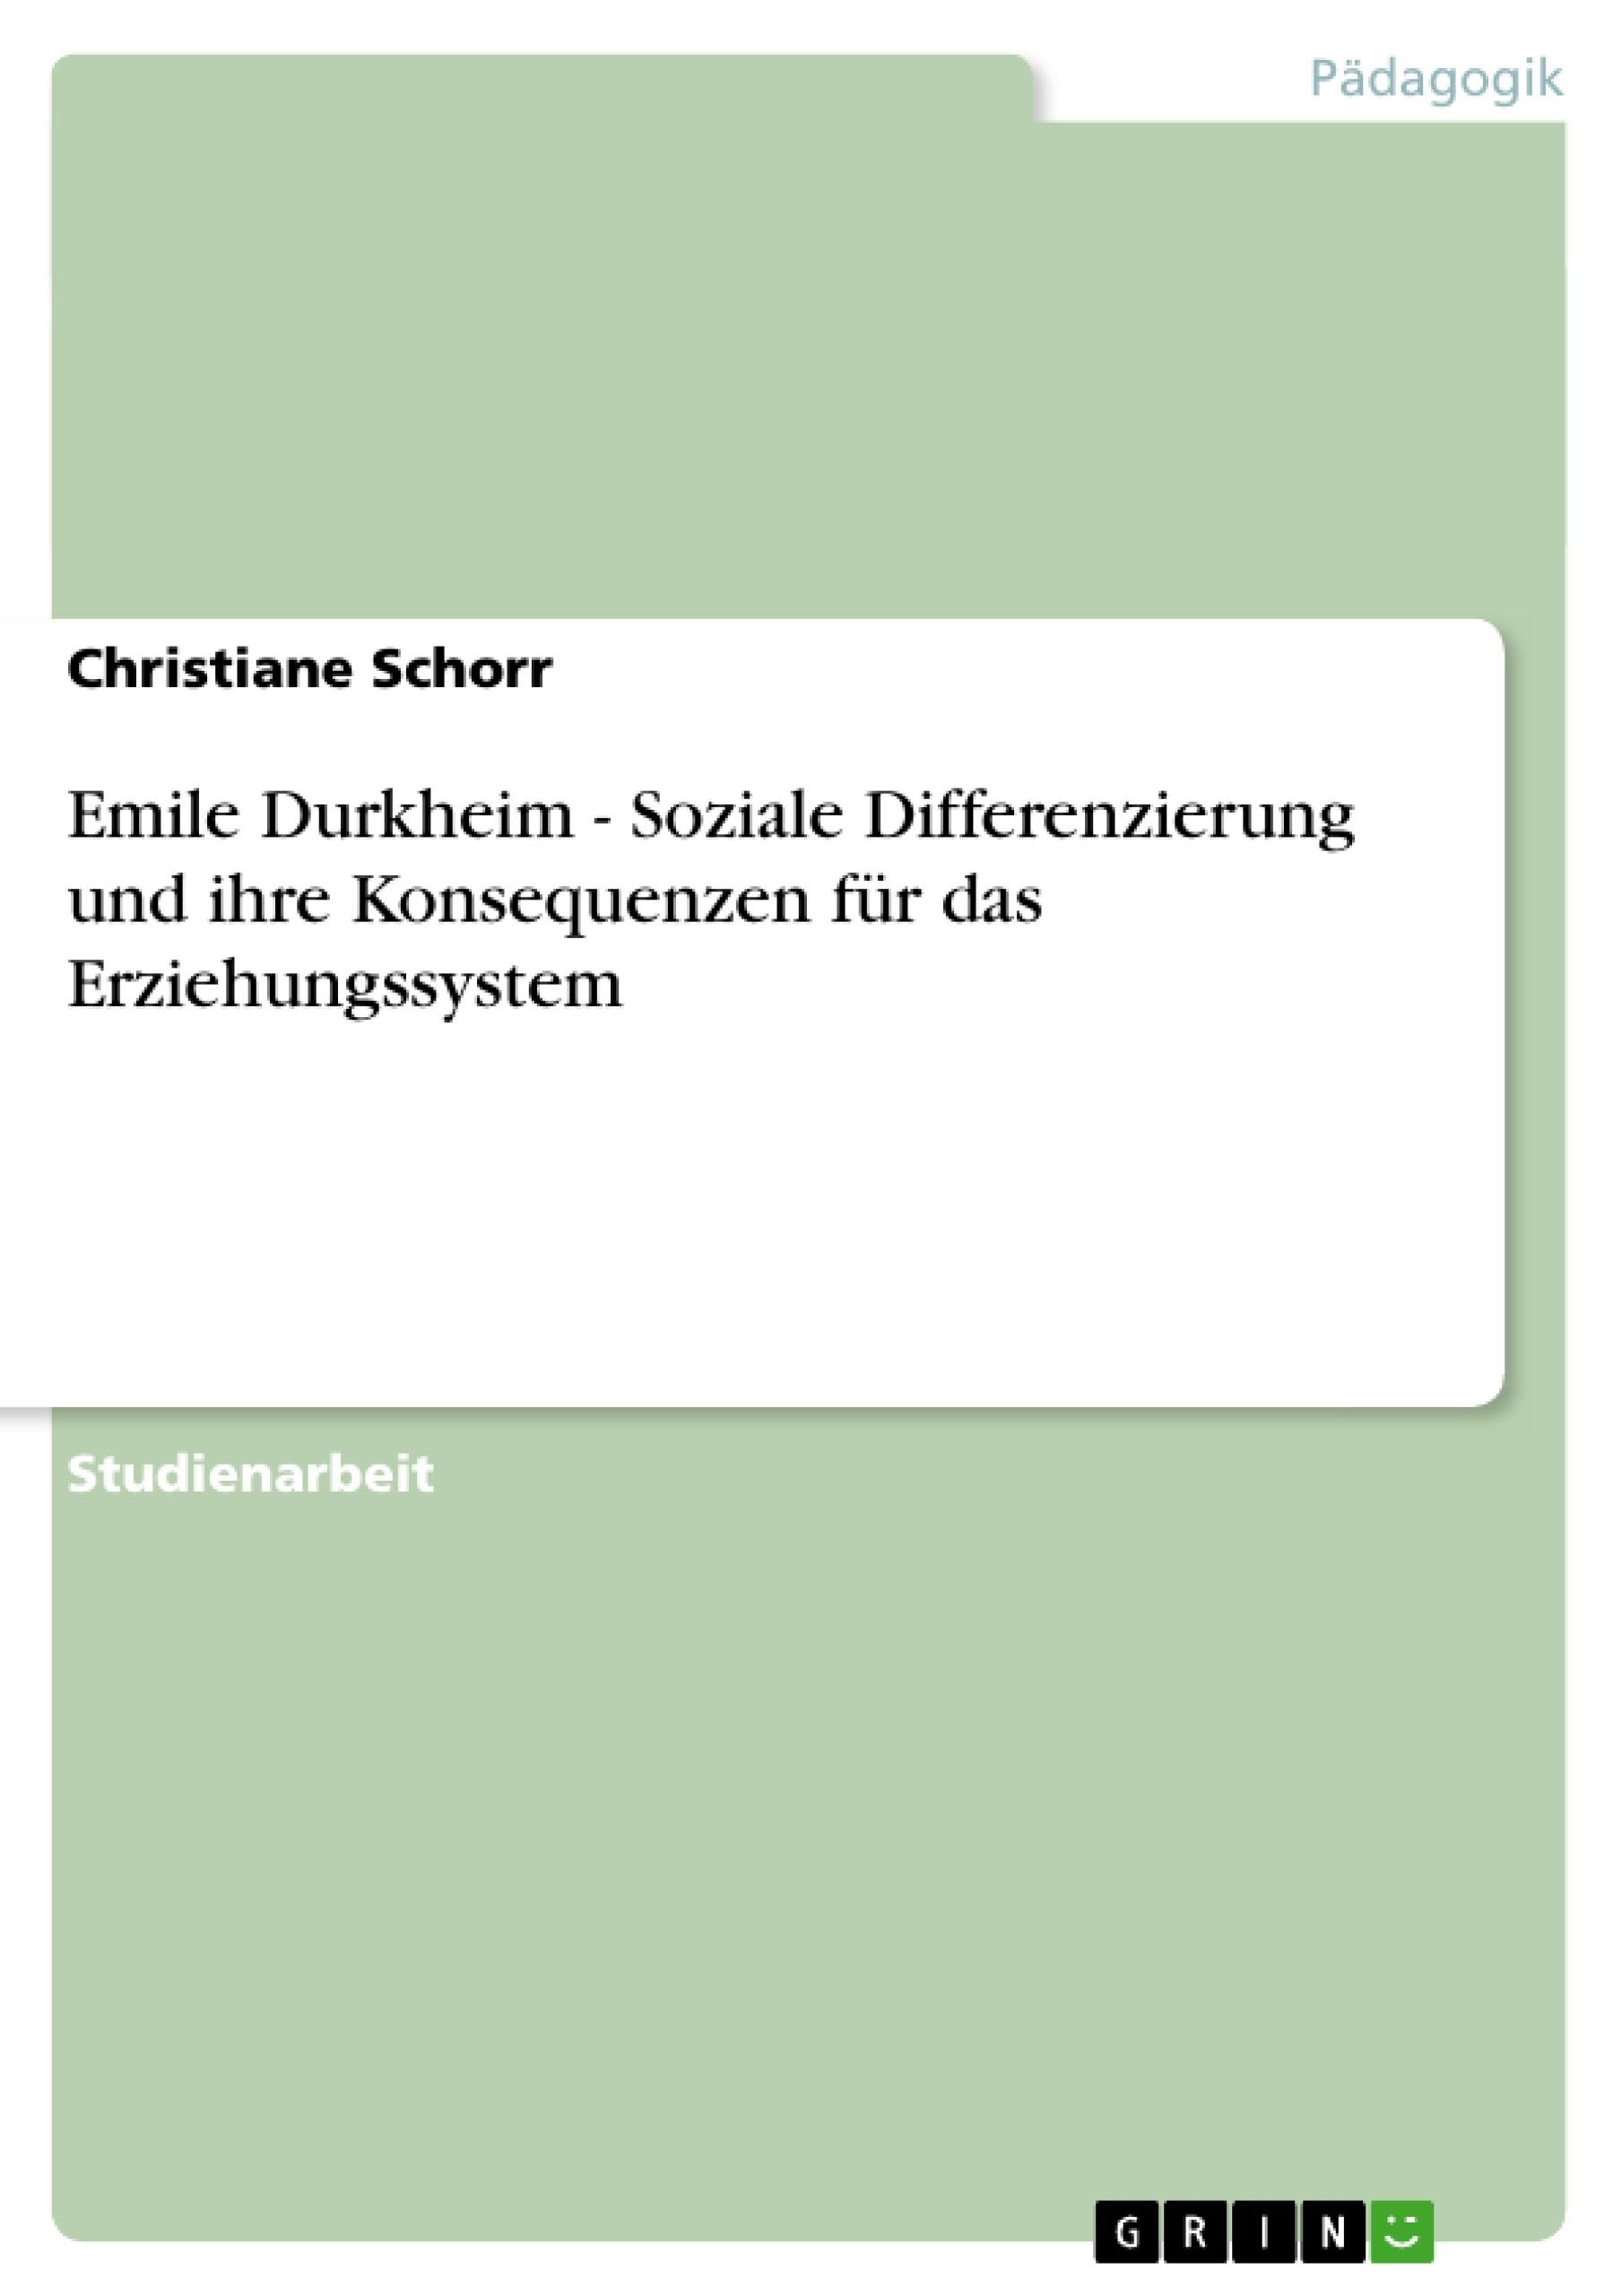 Titel: Emile Durkheim - Soziale Differenzierung und ihre Konsequenzen für das Erziehungssystem